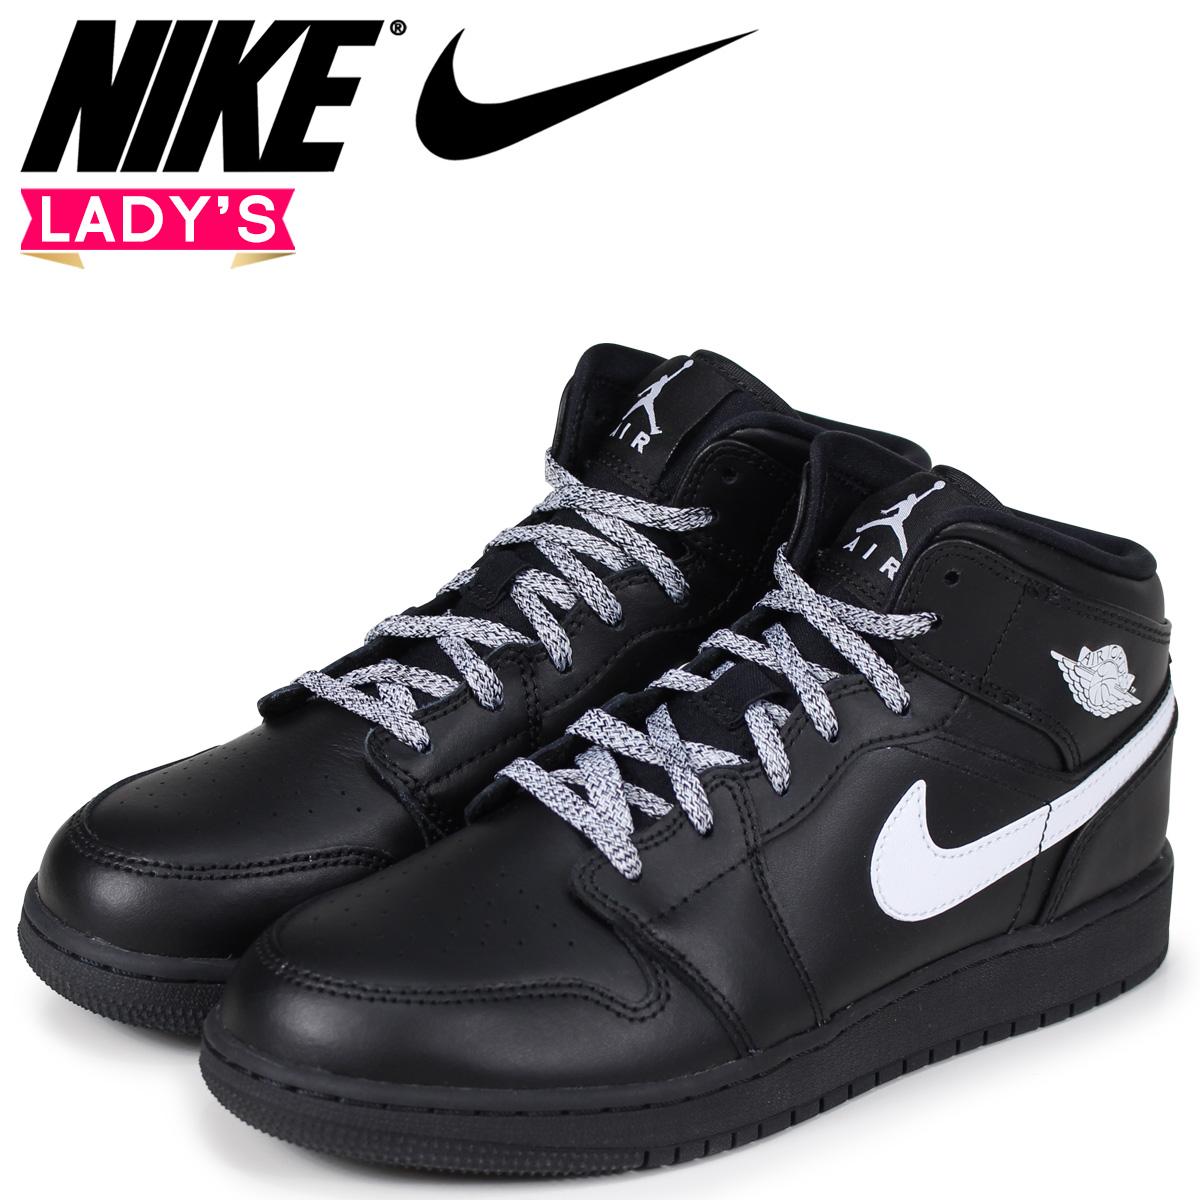 0cc1f1d73b8 NIKE Nike Air Jordan 1 Lady's sneakers AIR JORDAN 1 MID BG 554,725-049  black ...